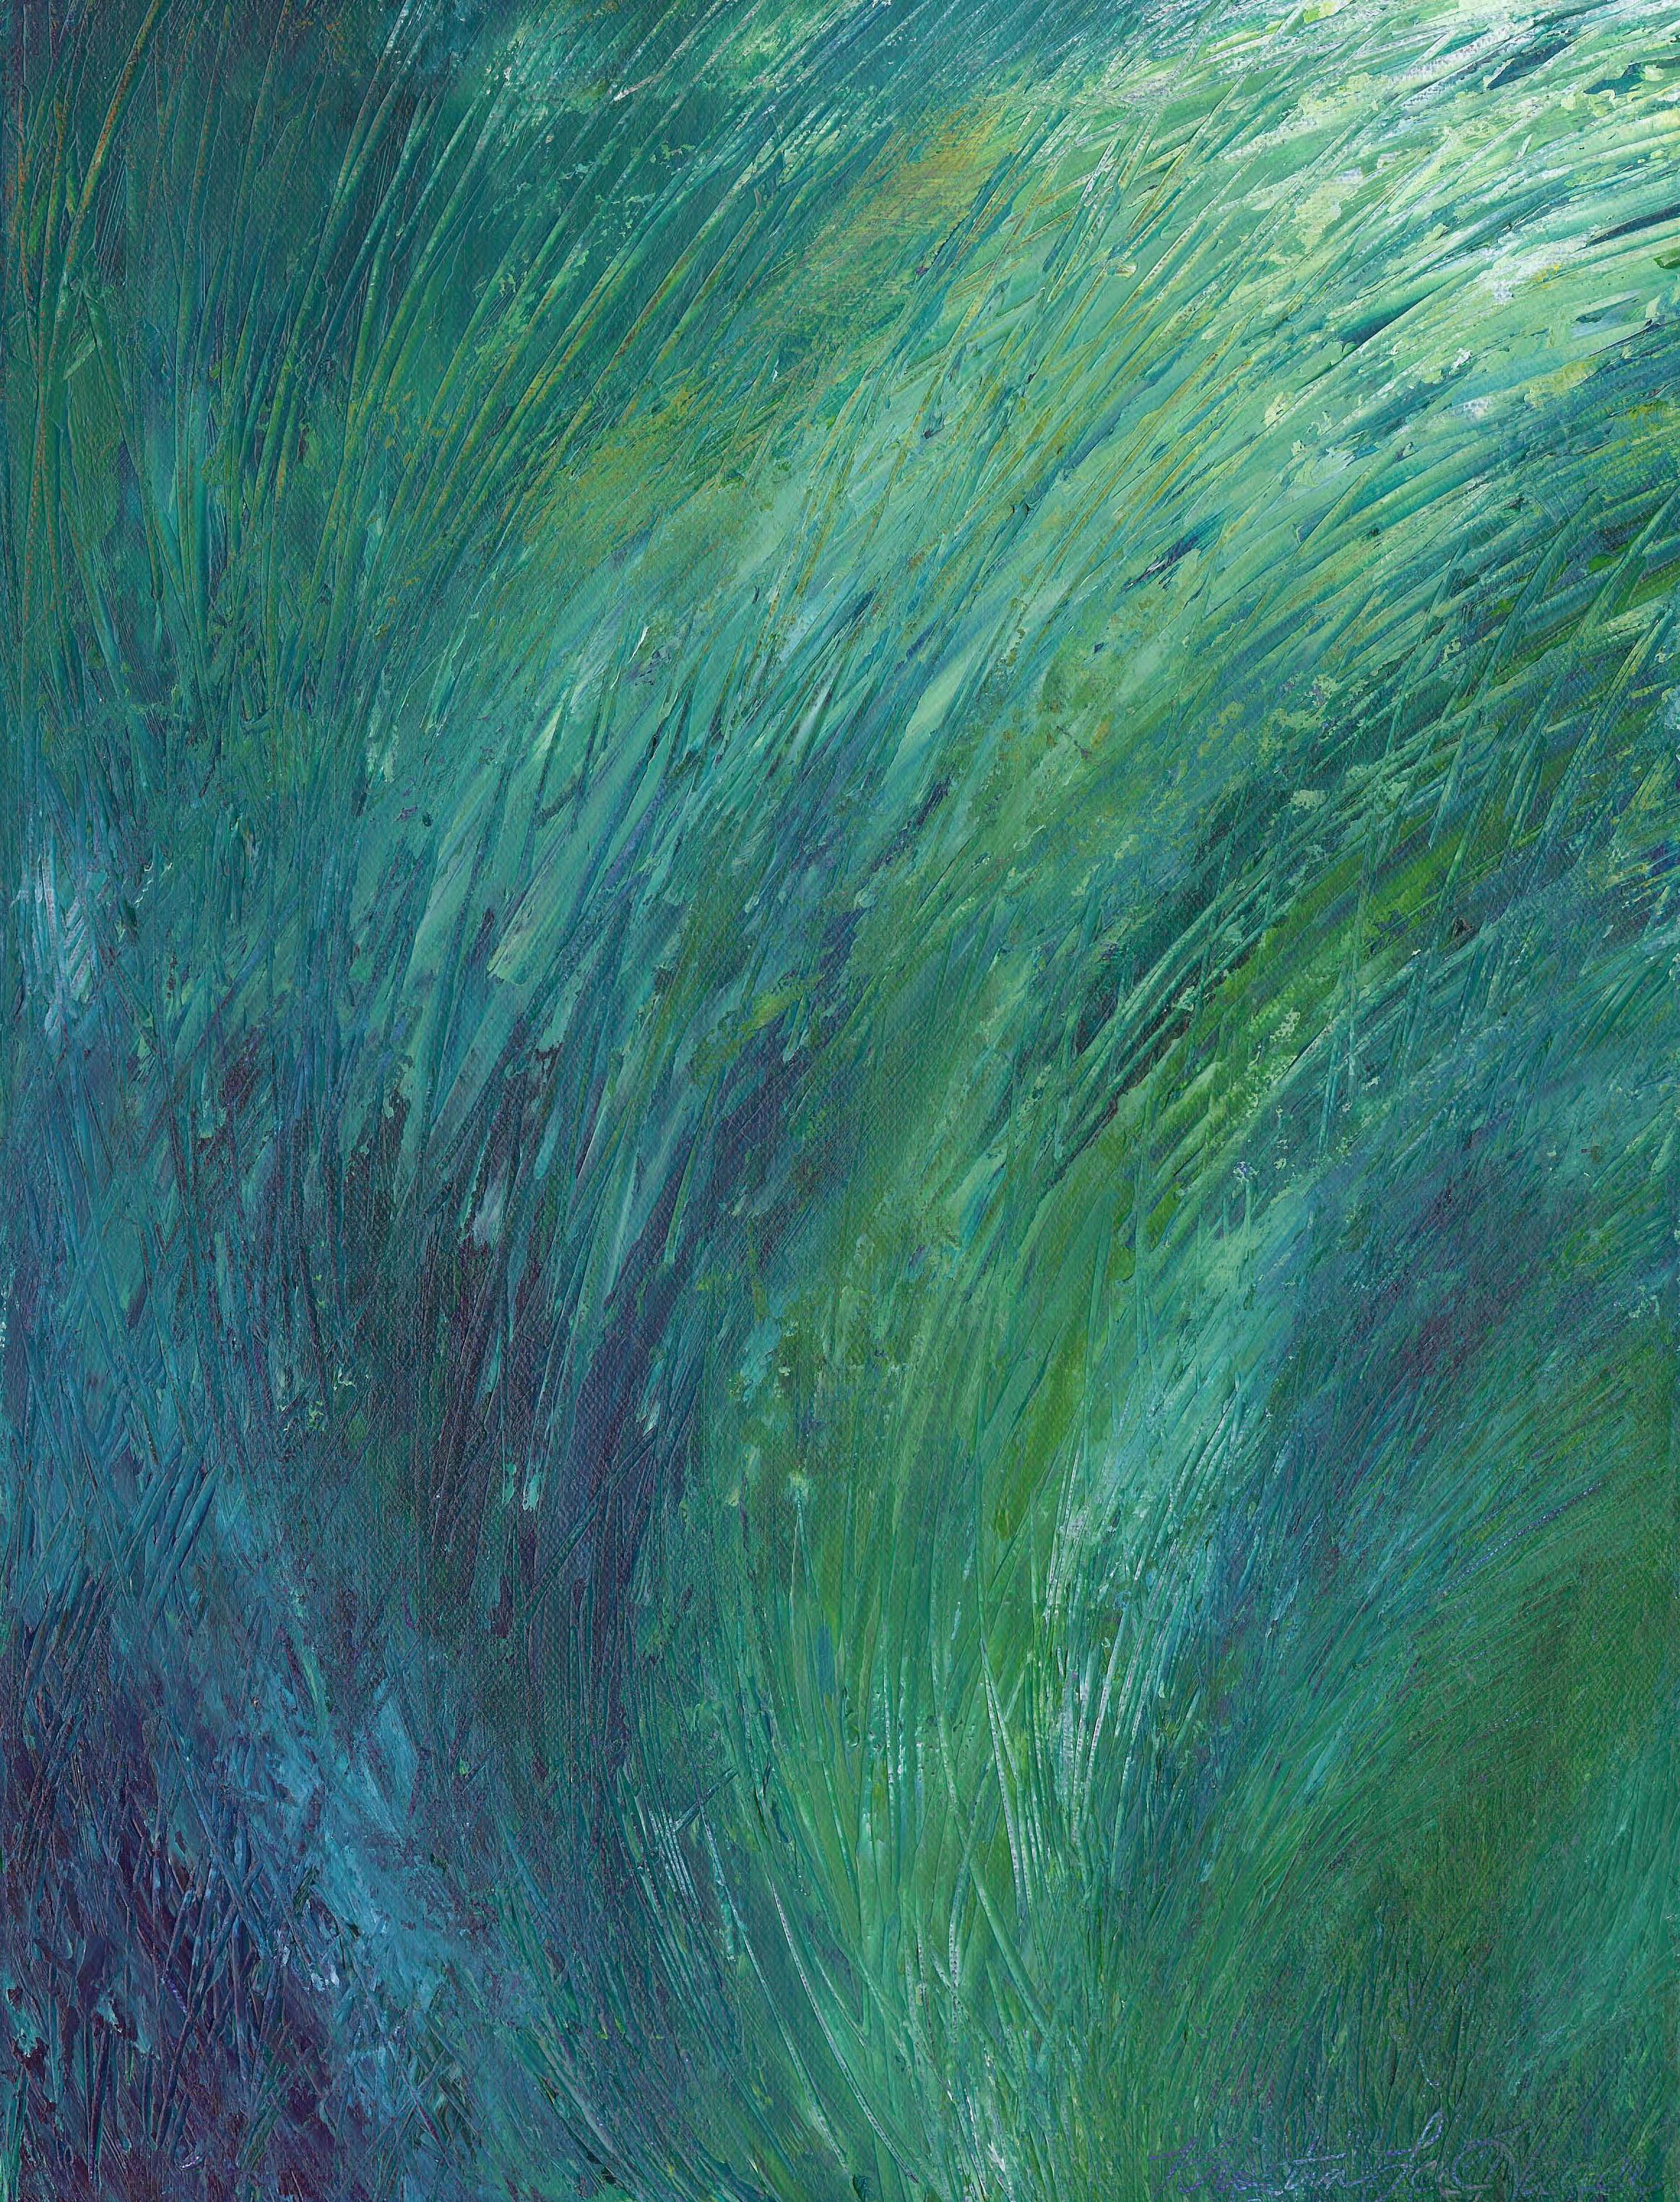 Grassy - Acrylic - 12 X 16 - $175